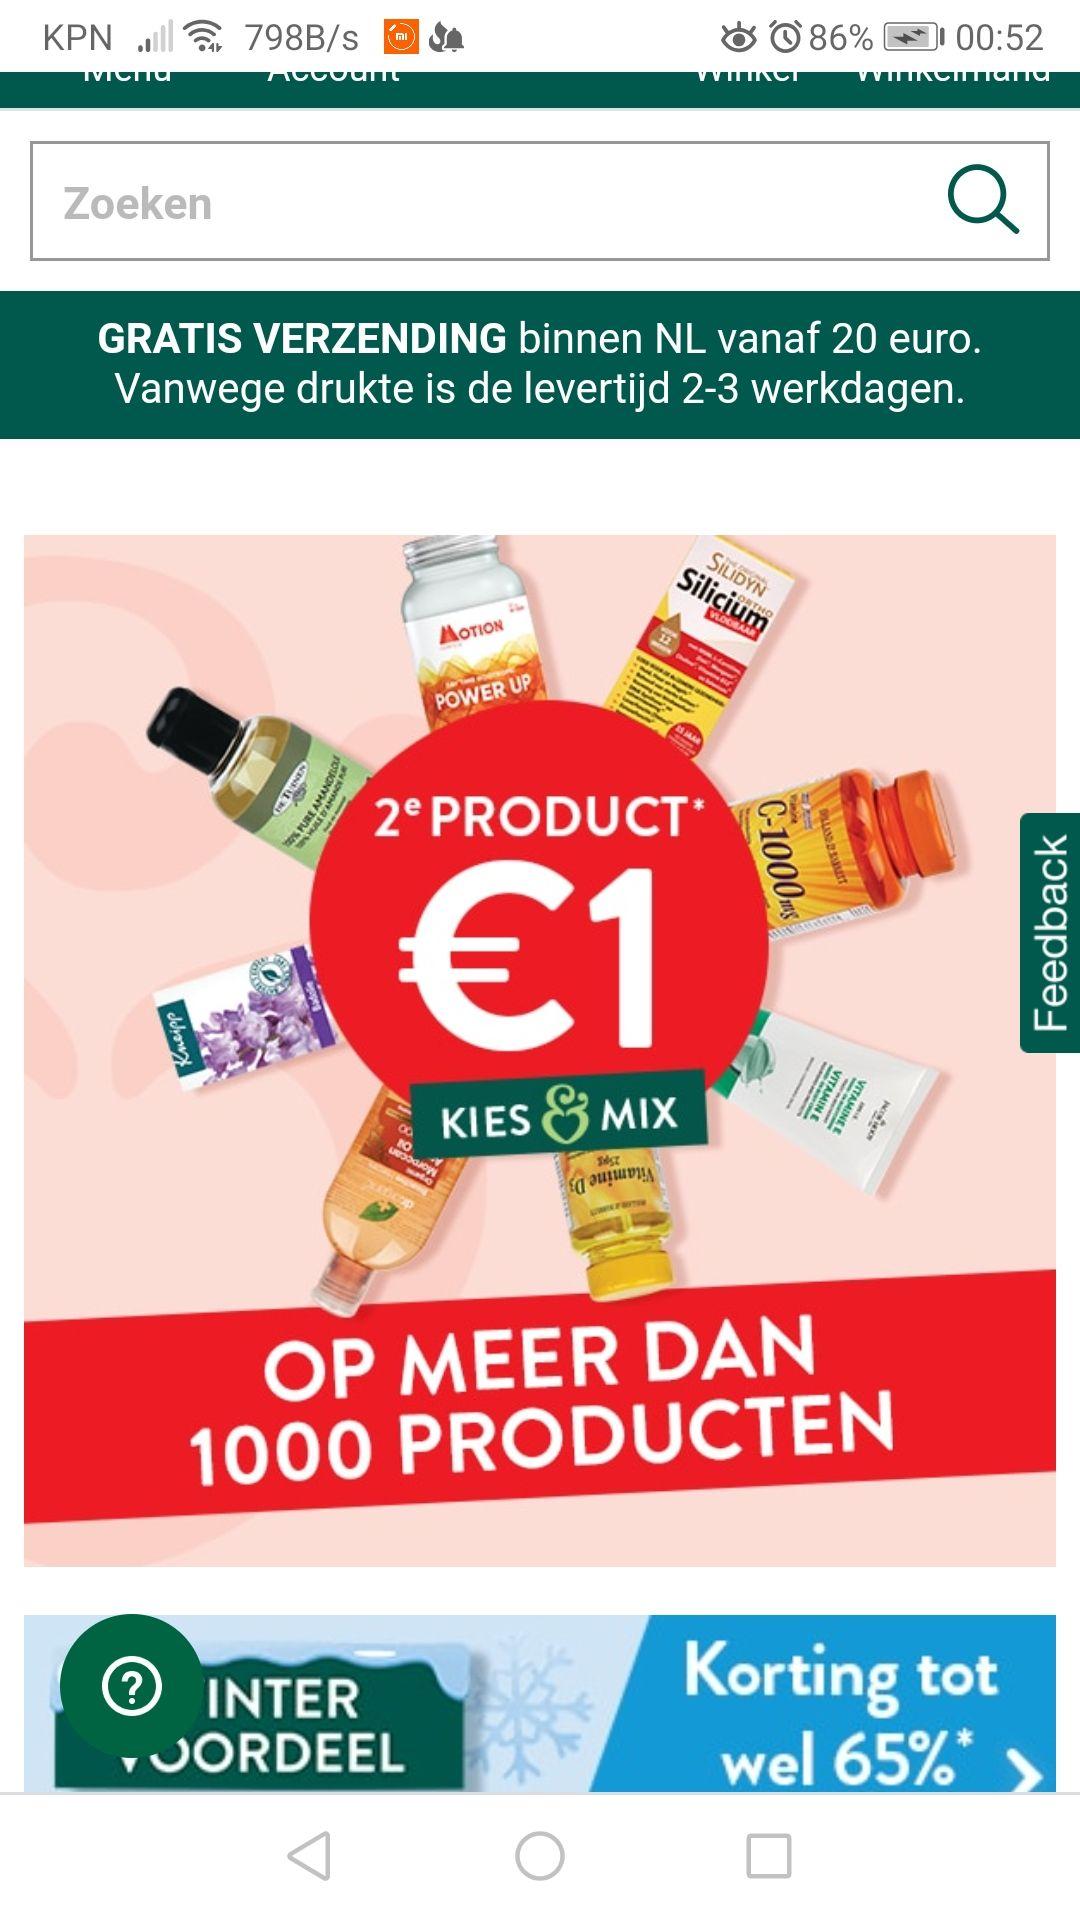 2e product 1 euro op meer dan 1000 producten.